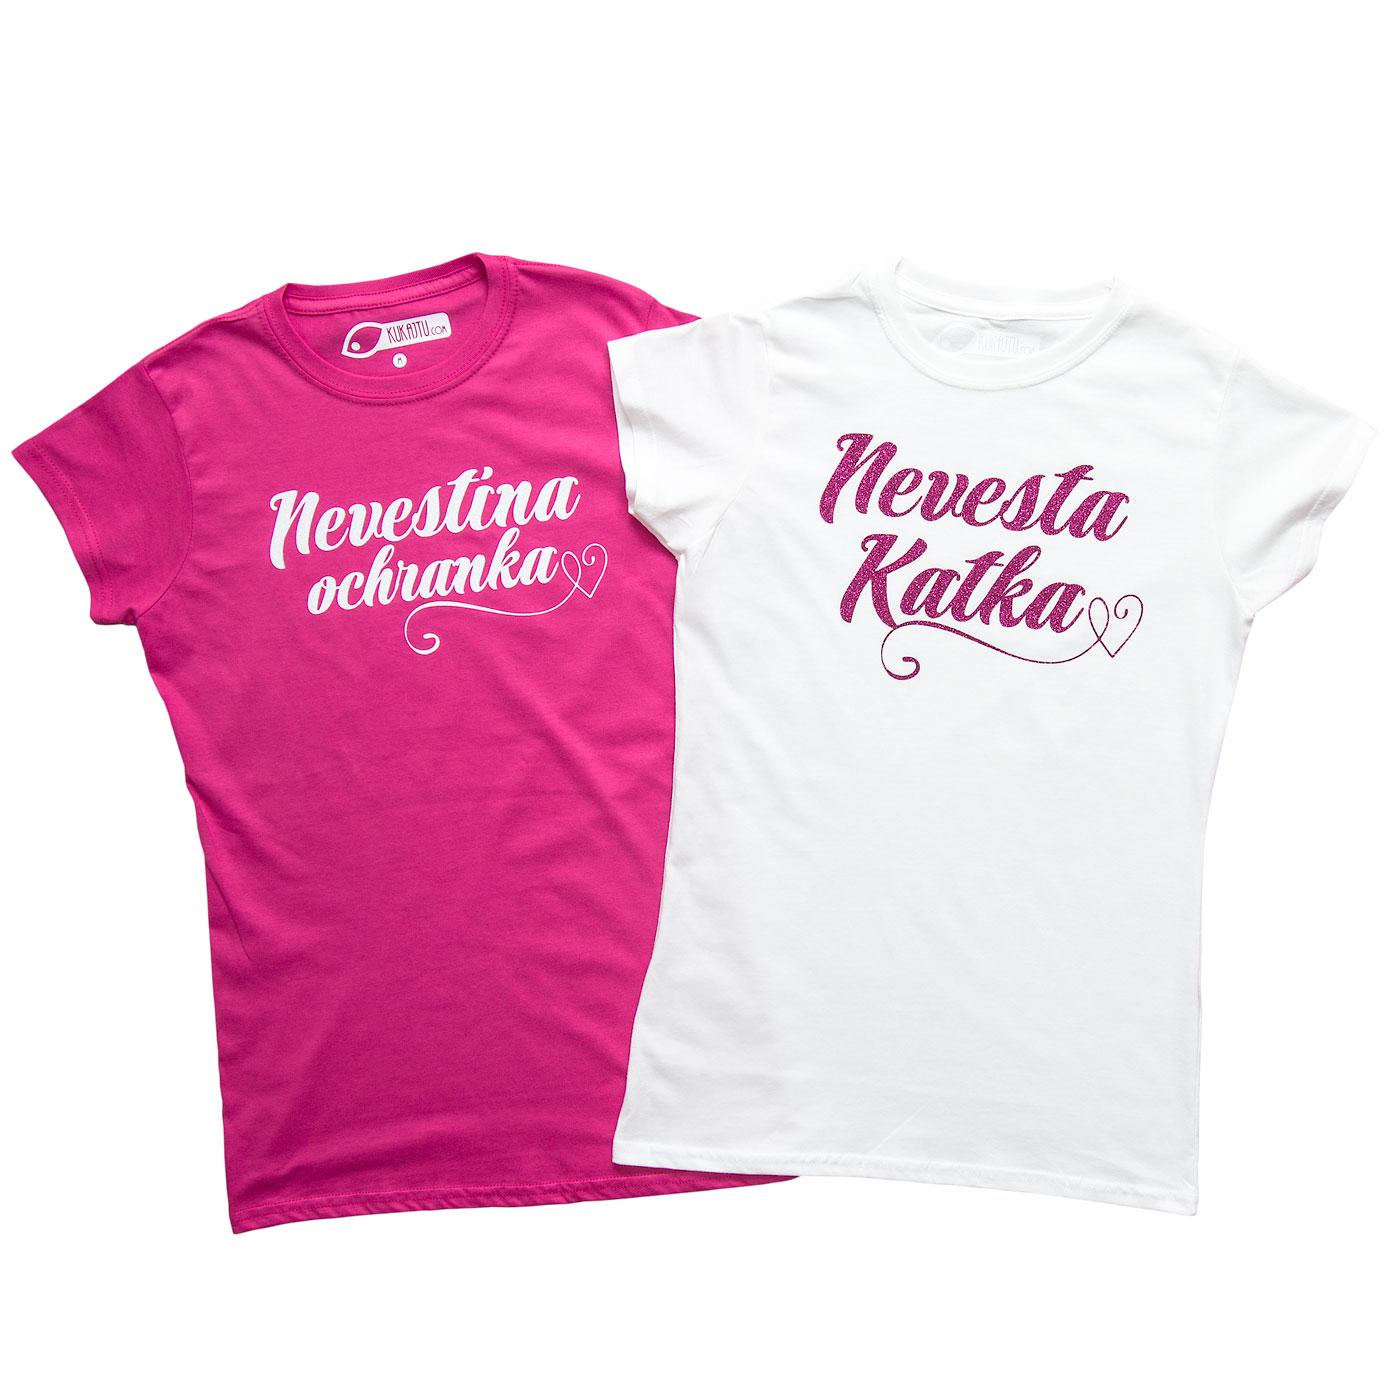 Nevestička a Ženích ♥ - trička na želanie podľa vlastných predstáv - Rozlúčkové tričká